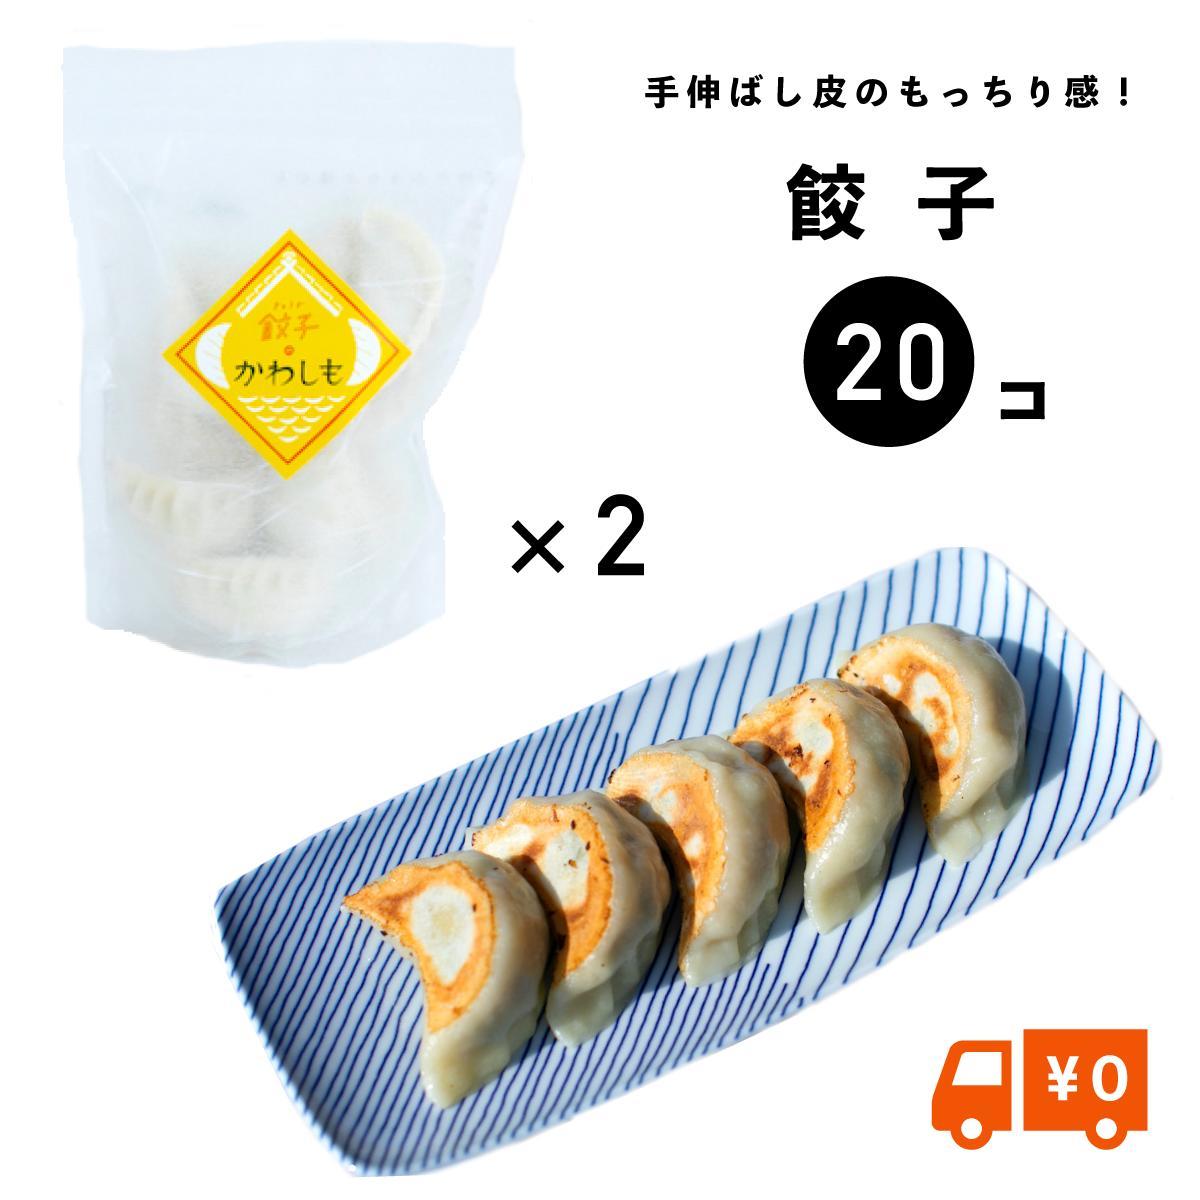 餃子のかわしも と言えば やっぱりコレ 一つ一つ皮から手伸ばした 引き出物 こだわりの焼き餃子です 市販の餃子の2倍以上のボリュームがあり 肉汁がたっぷり溢れ出てきます 送料無料 かわしも焼き餃子2パックセット 冷凍 10ヶ×2 もちもち 長崎 皮から手作り 冷凍餃子 手作り 超激安 餃子 ぎょうざ 贈り物